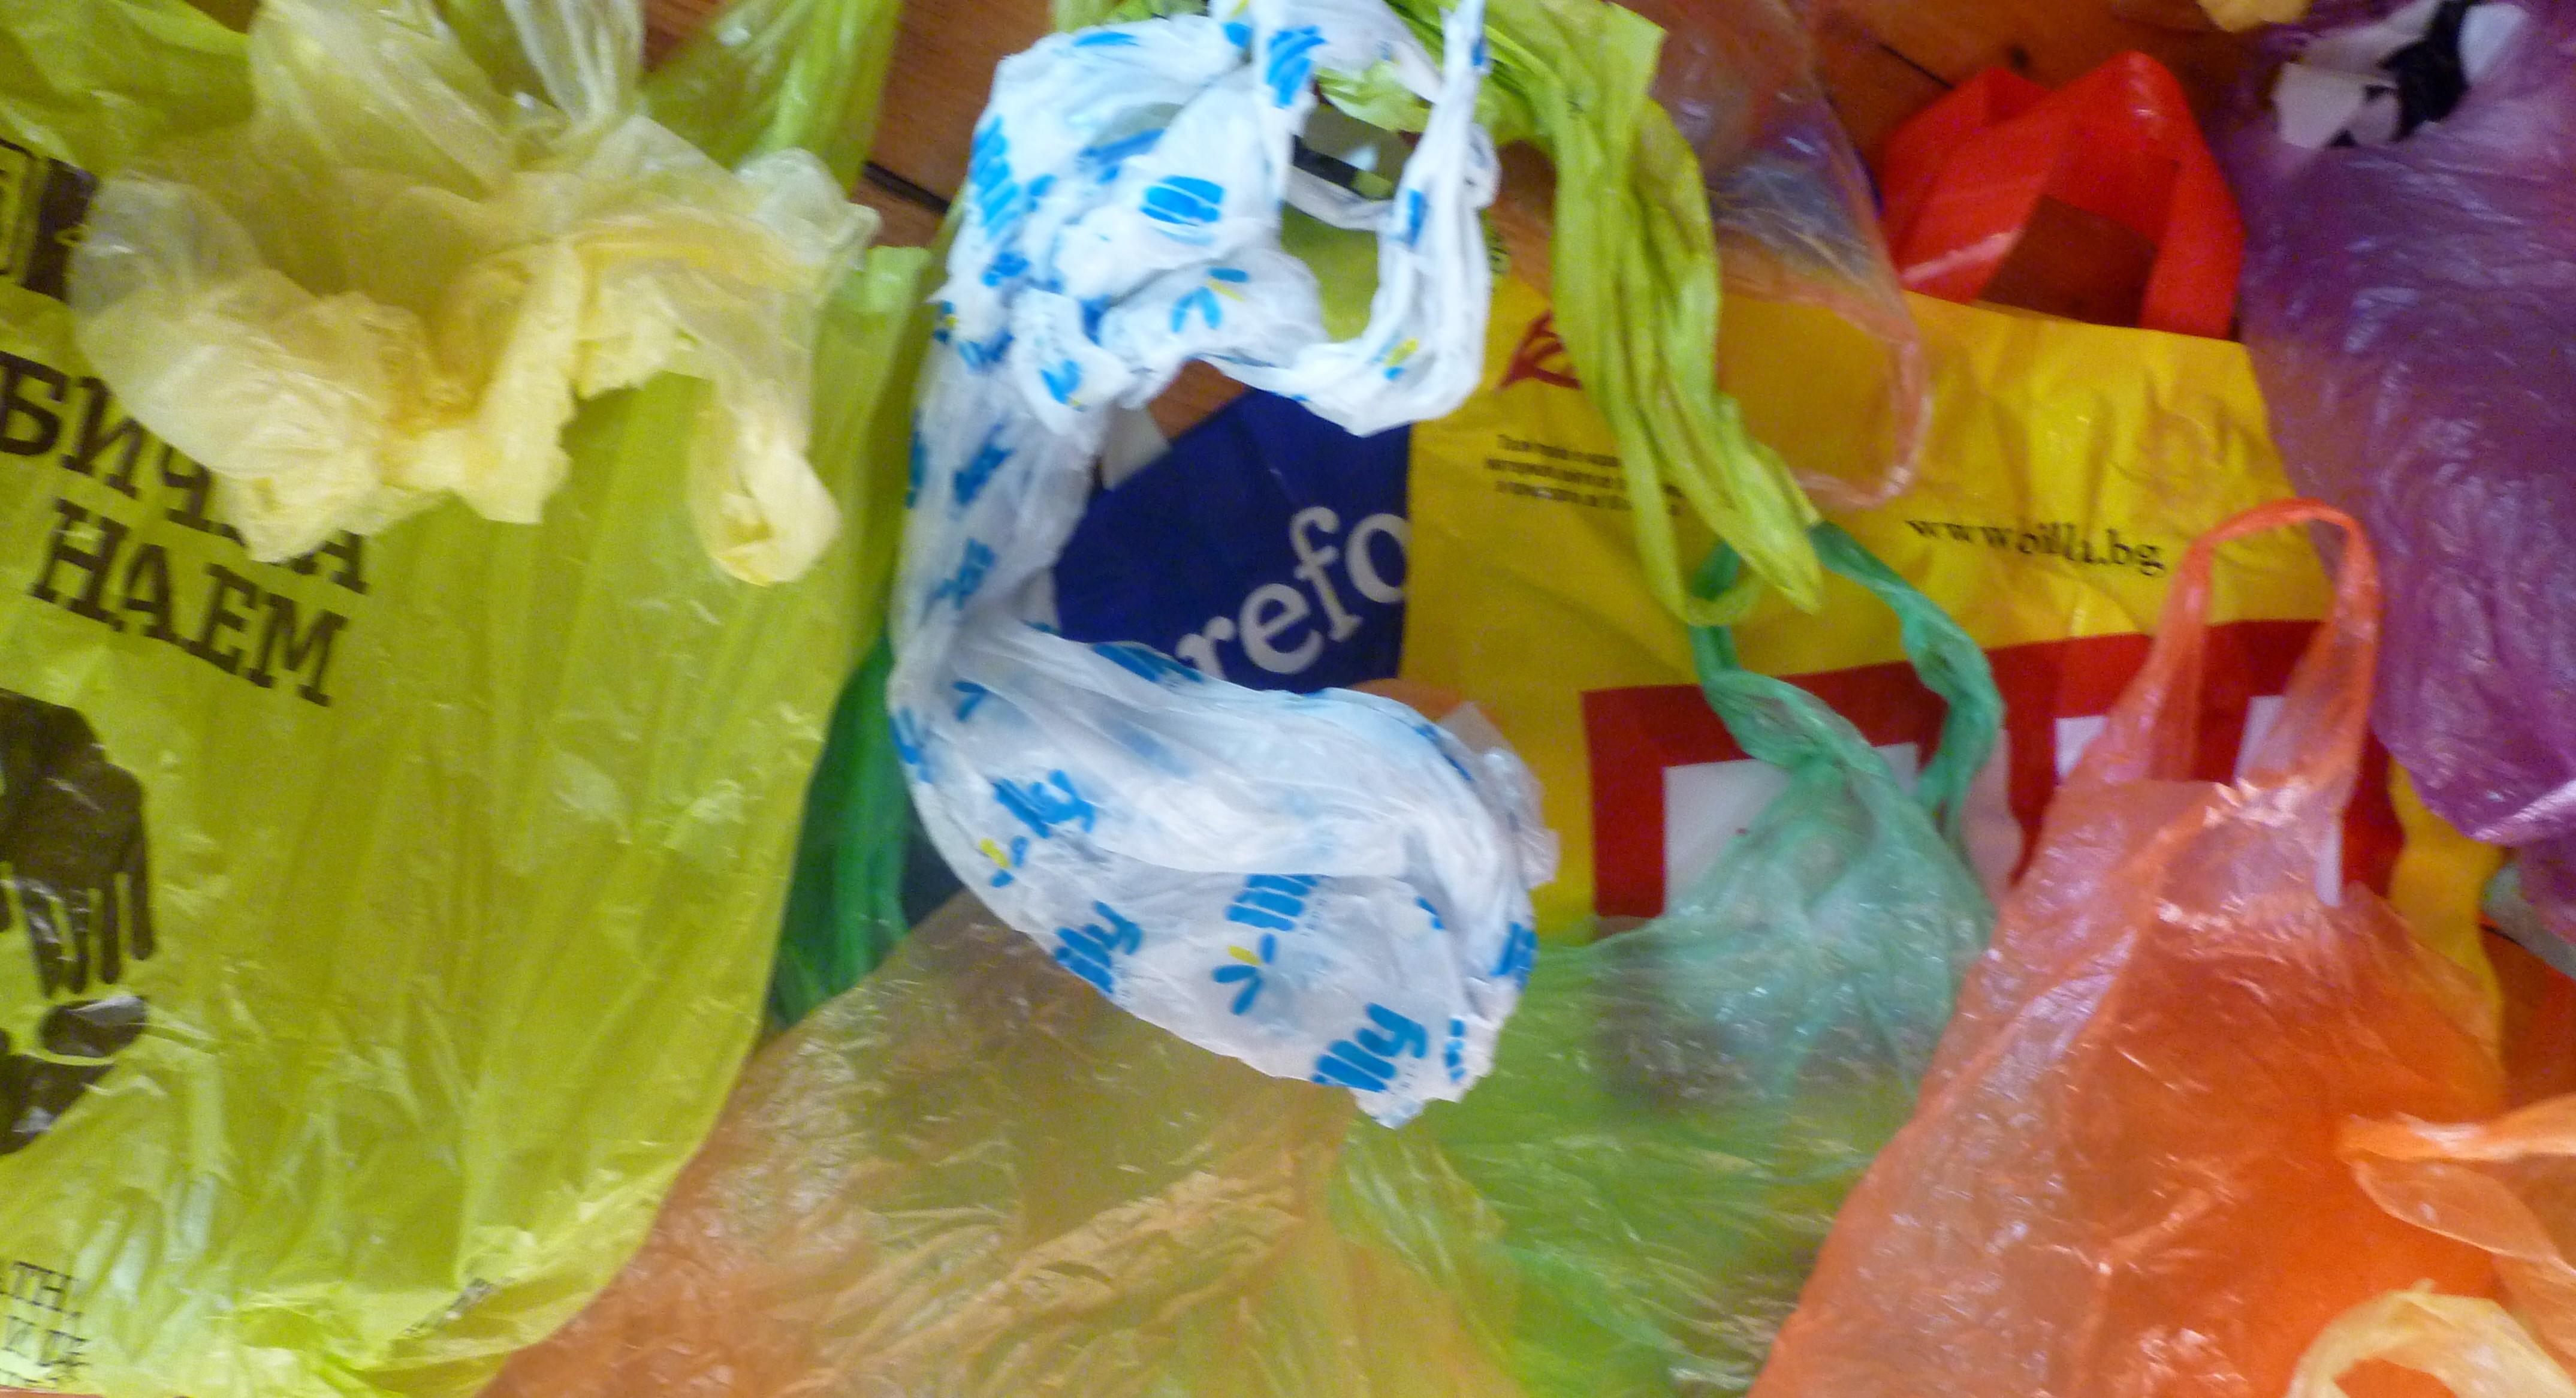 avoid plastic bags essay